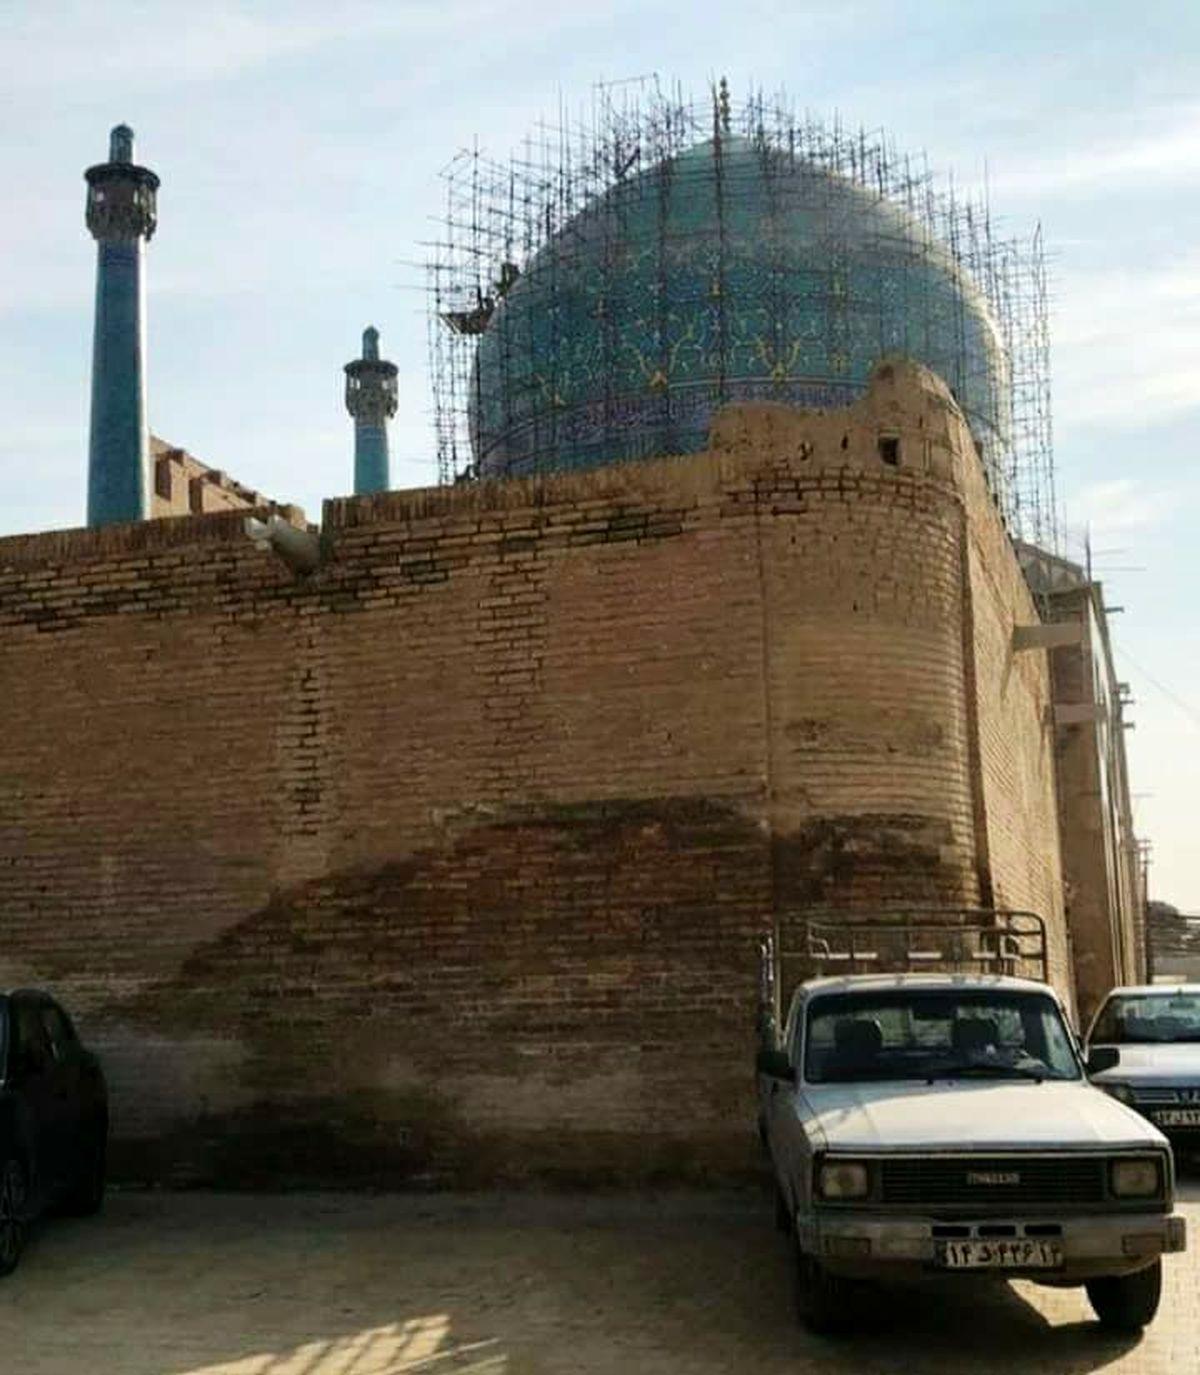 برخورد یک مزدا با مسجد تاریخی اصفهان! +عکس